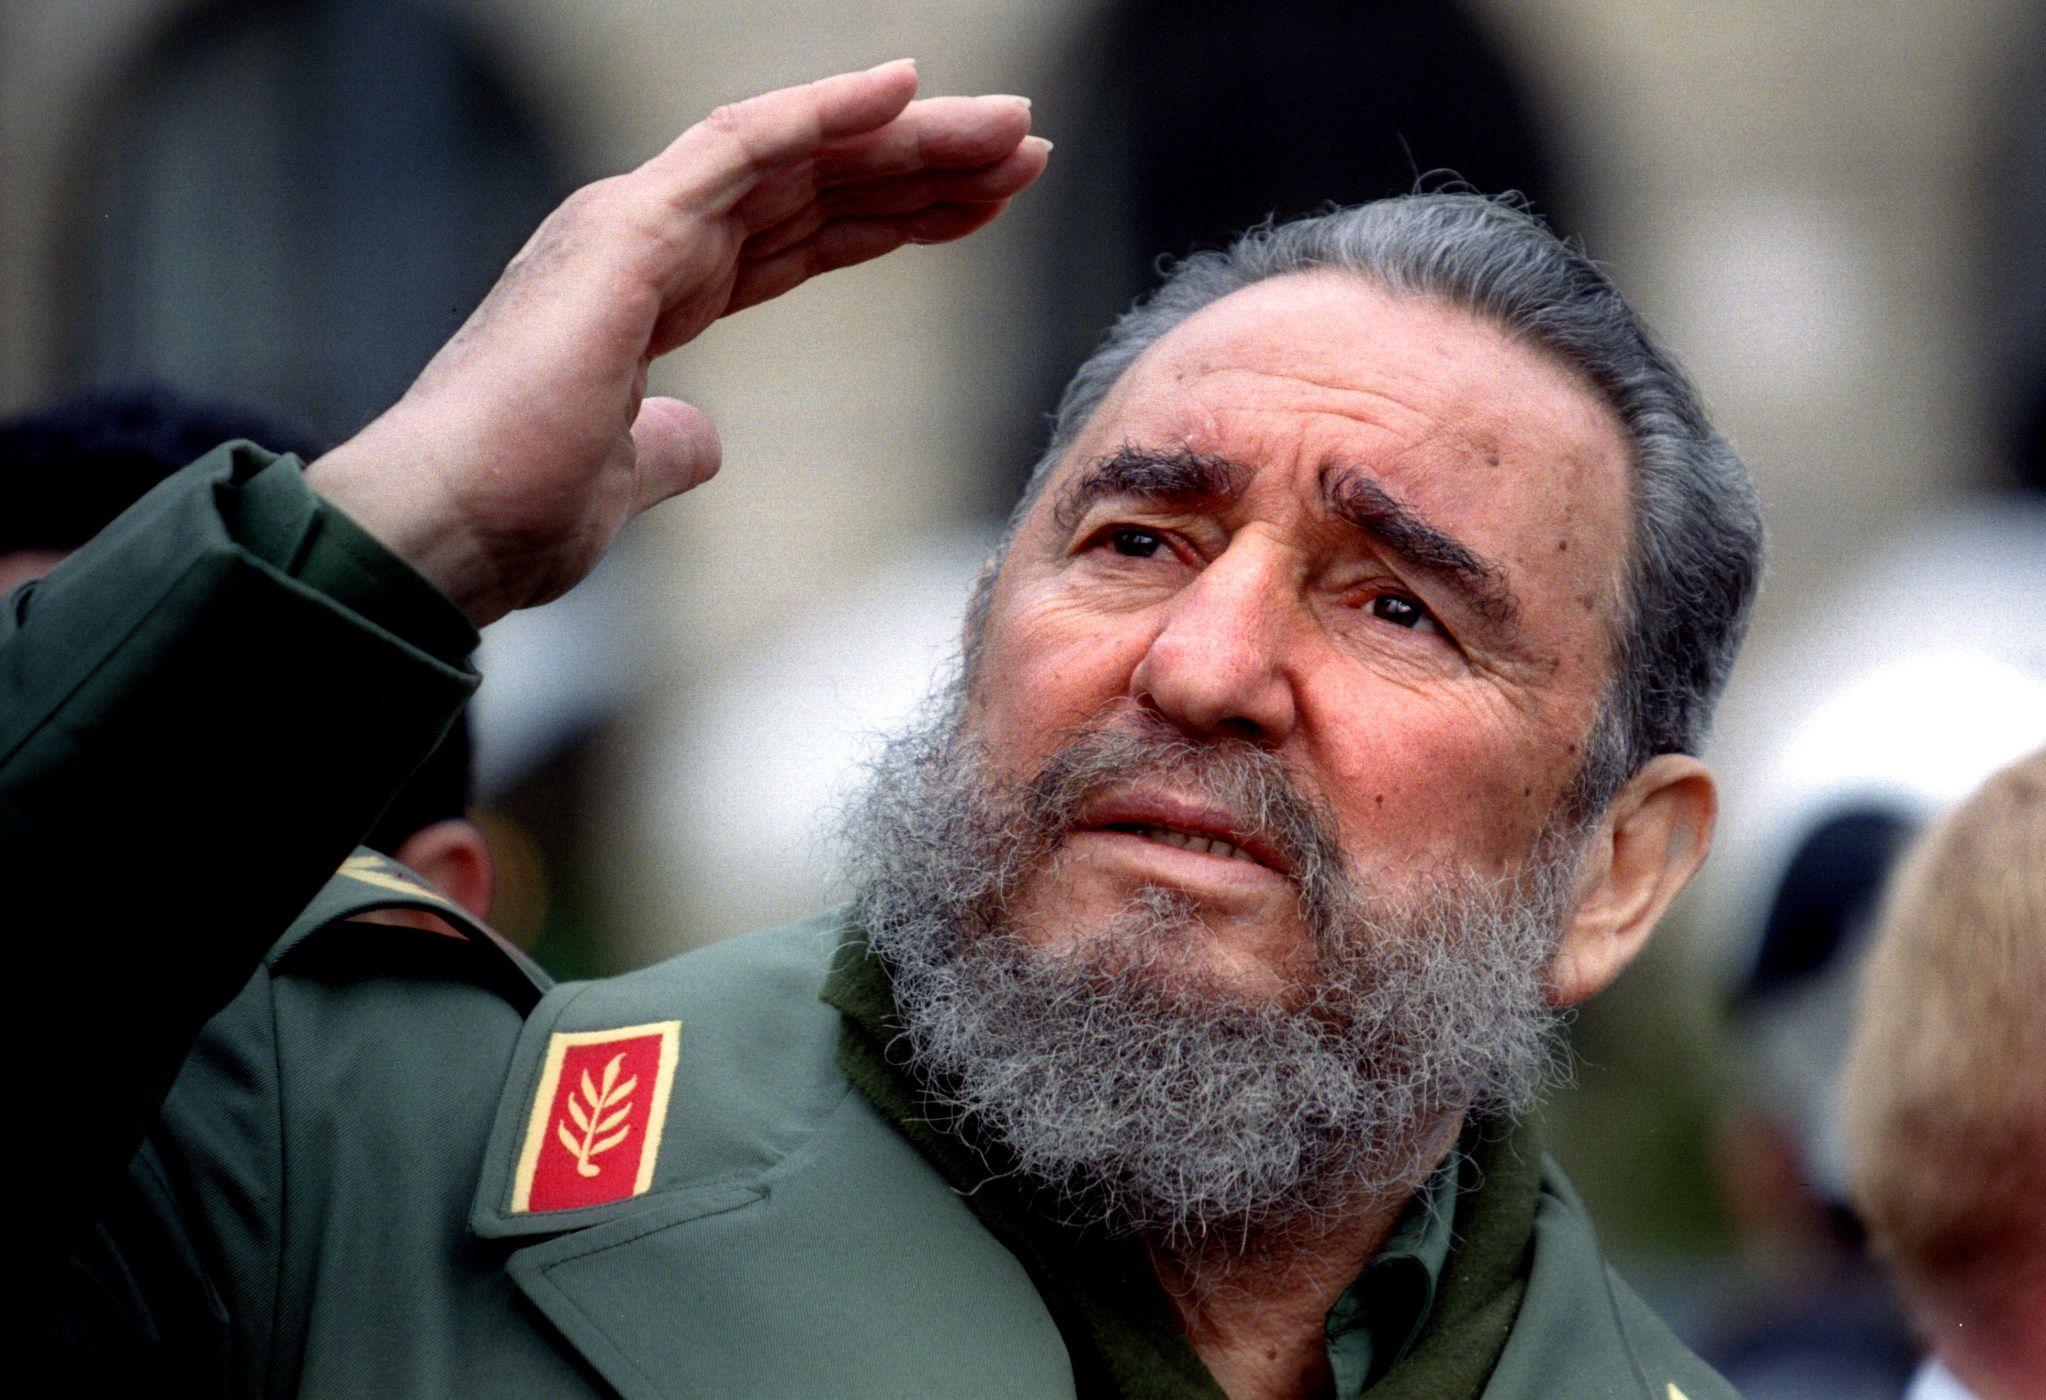 12_30_Fidel_Castro_01